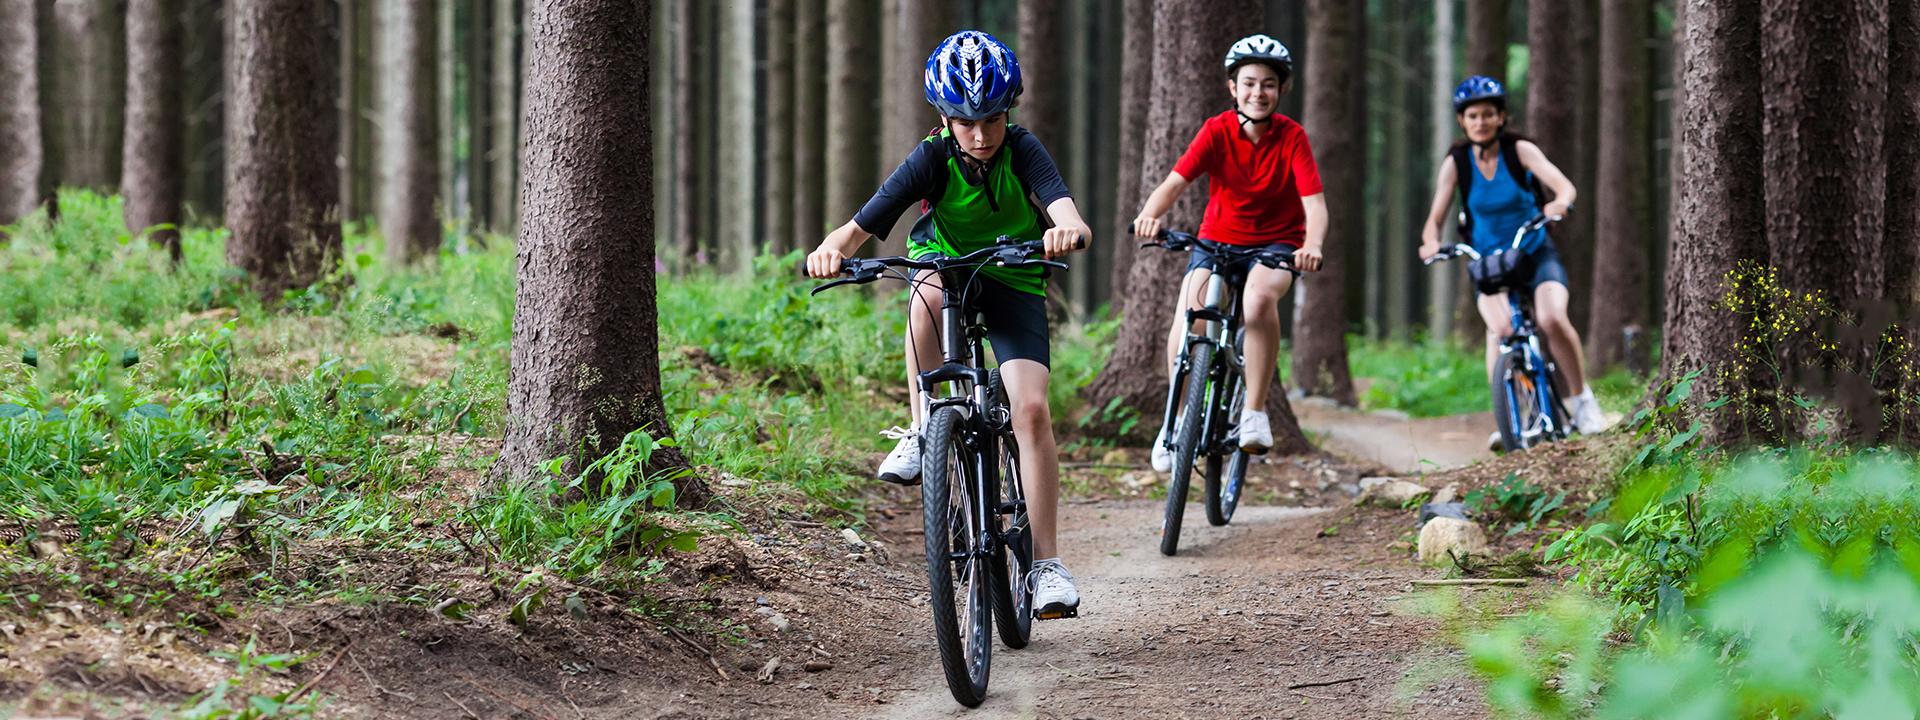 Фото подросткового велосипеда в лесу